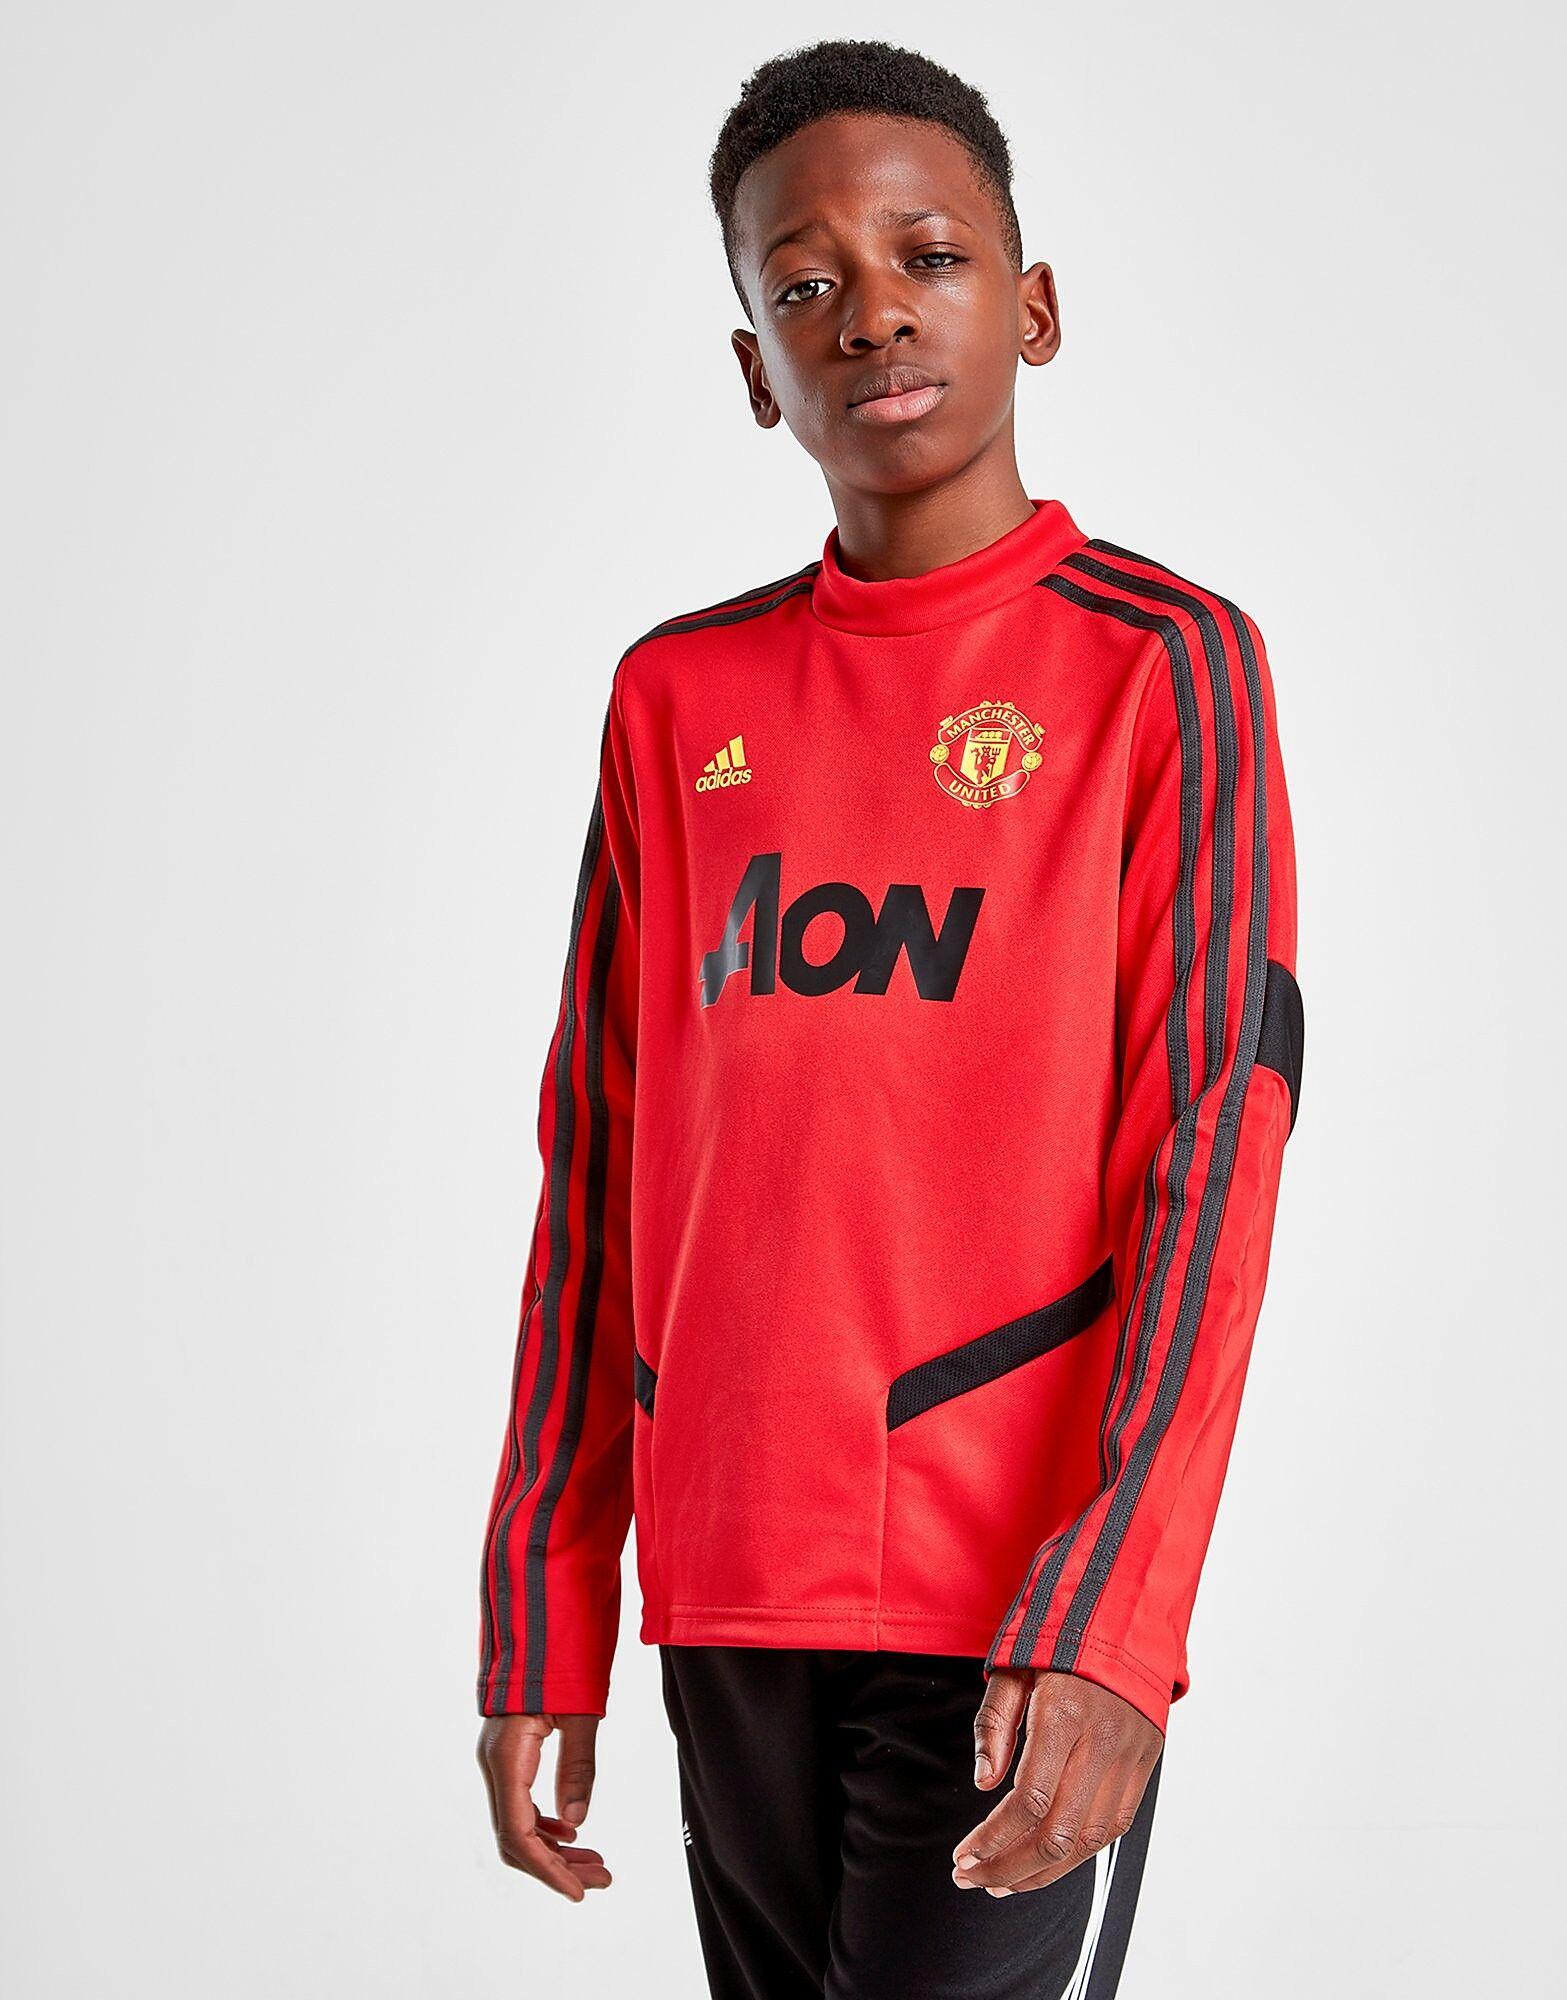 Image of Adidas Manchester United FC Treenipaita Juniorit - Kids, Punainen